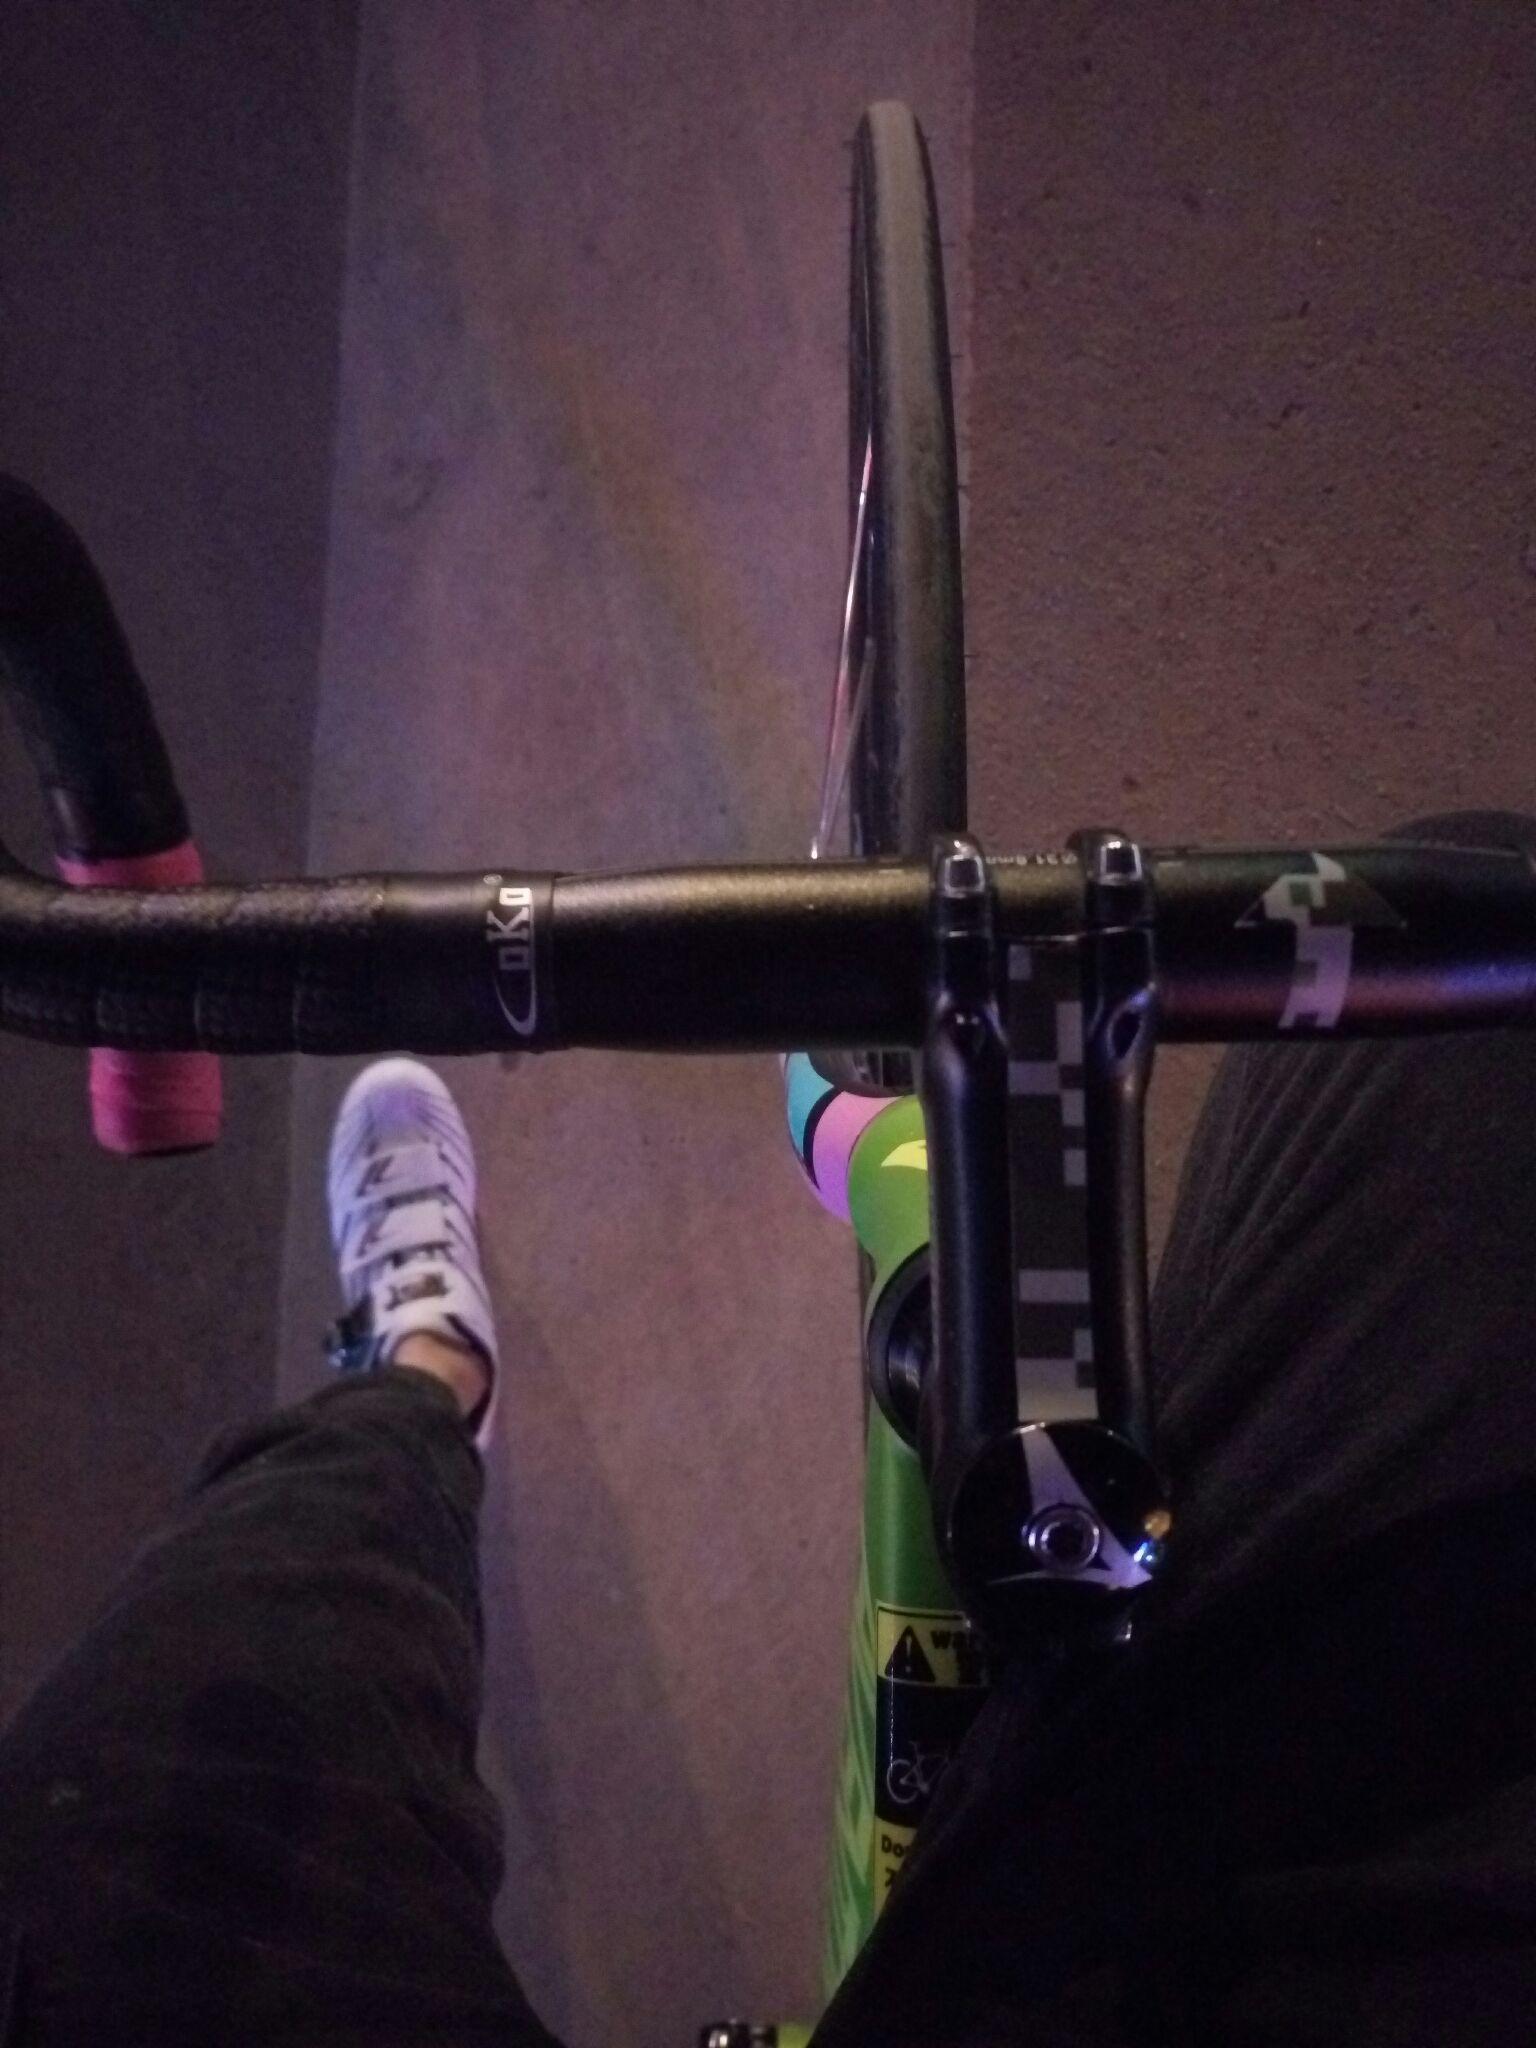 死飞(Fixed Gear)较普通自行车有什么优势和劣